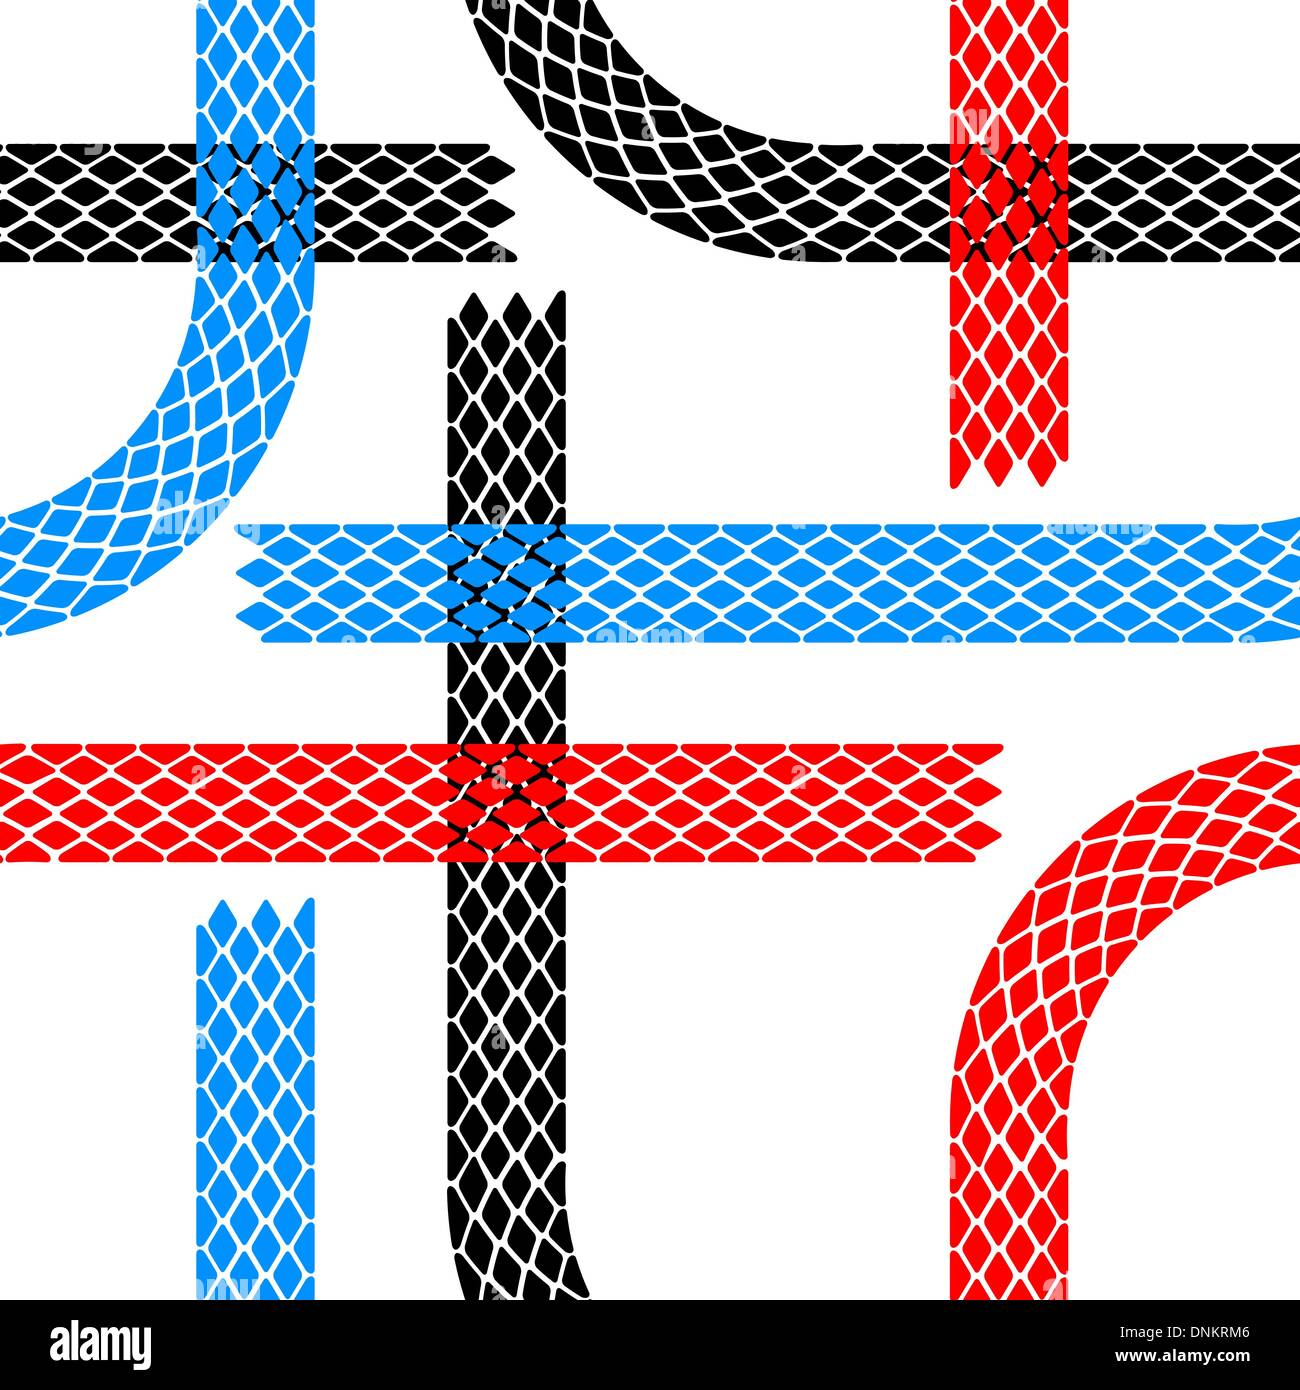 Carta da parati senza giunture tracce di pneumatici pattern illustrazione sfondo vettoriale Immagini Stock